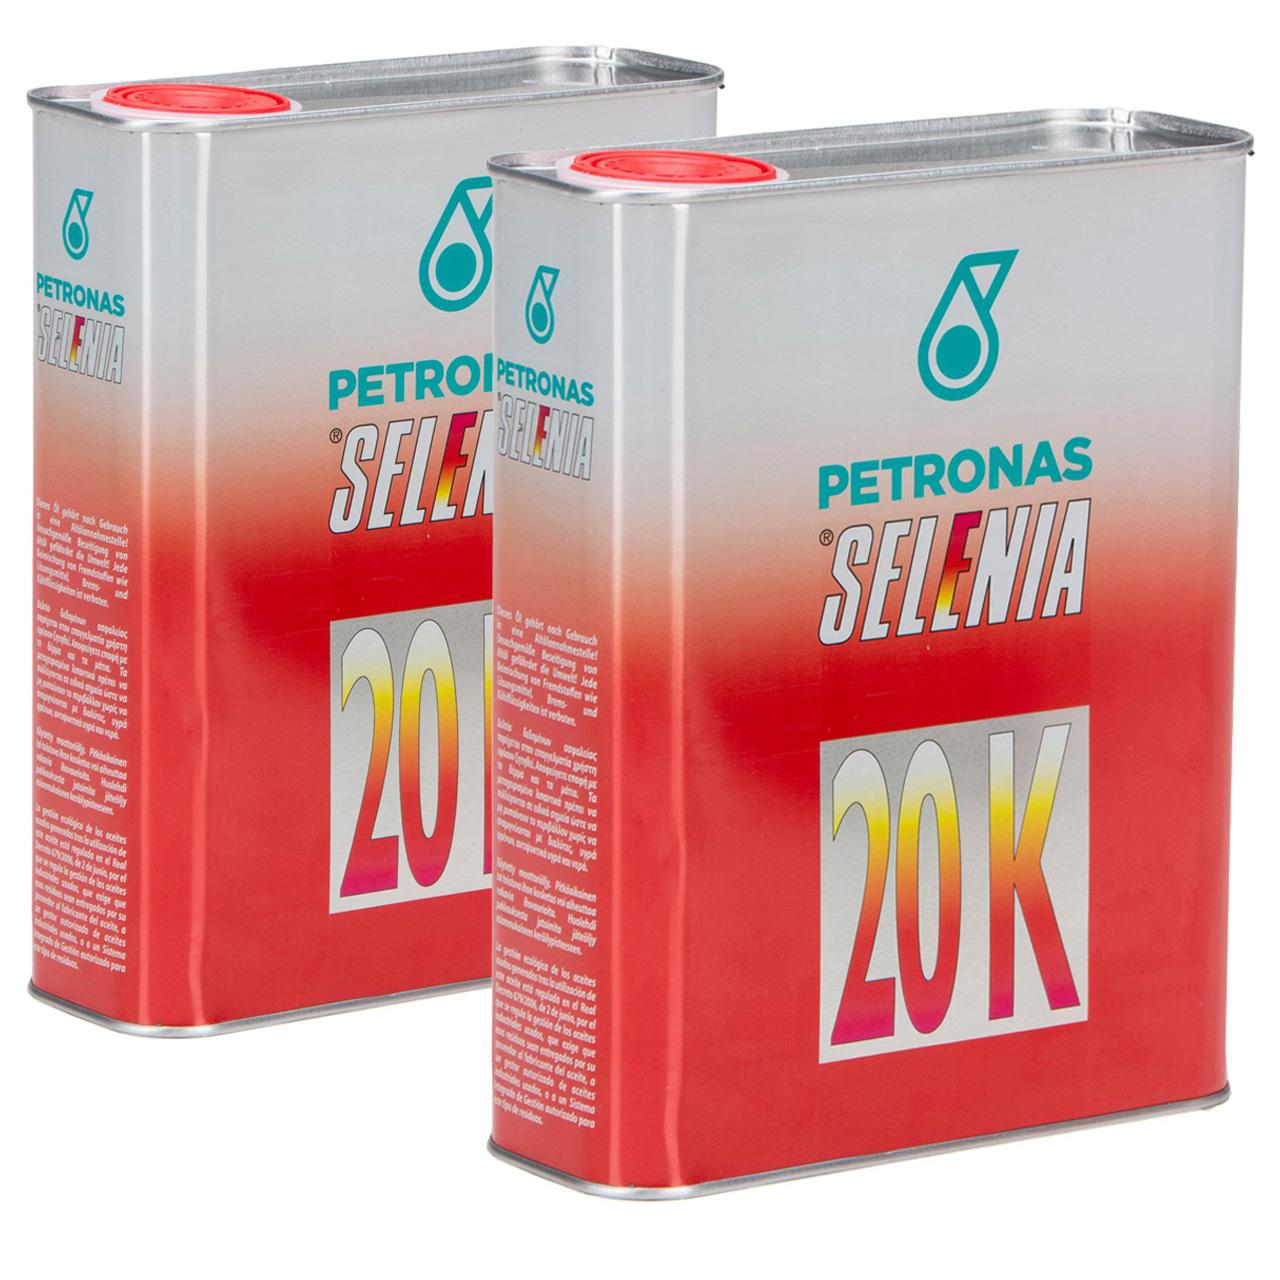 PETRONAS SELENIA Motoröl Öl 20 K 10W-40 10W40 Fat 9.5535-G2/2015 - 4L 4 Liter